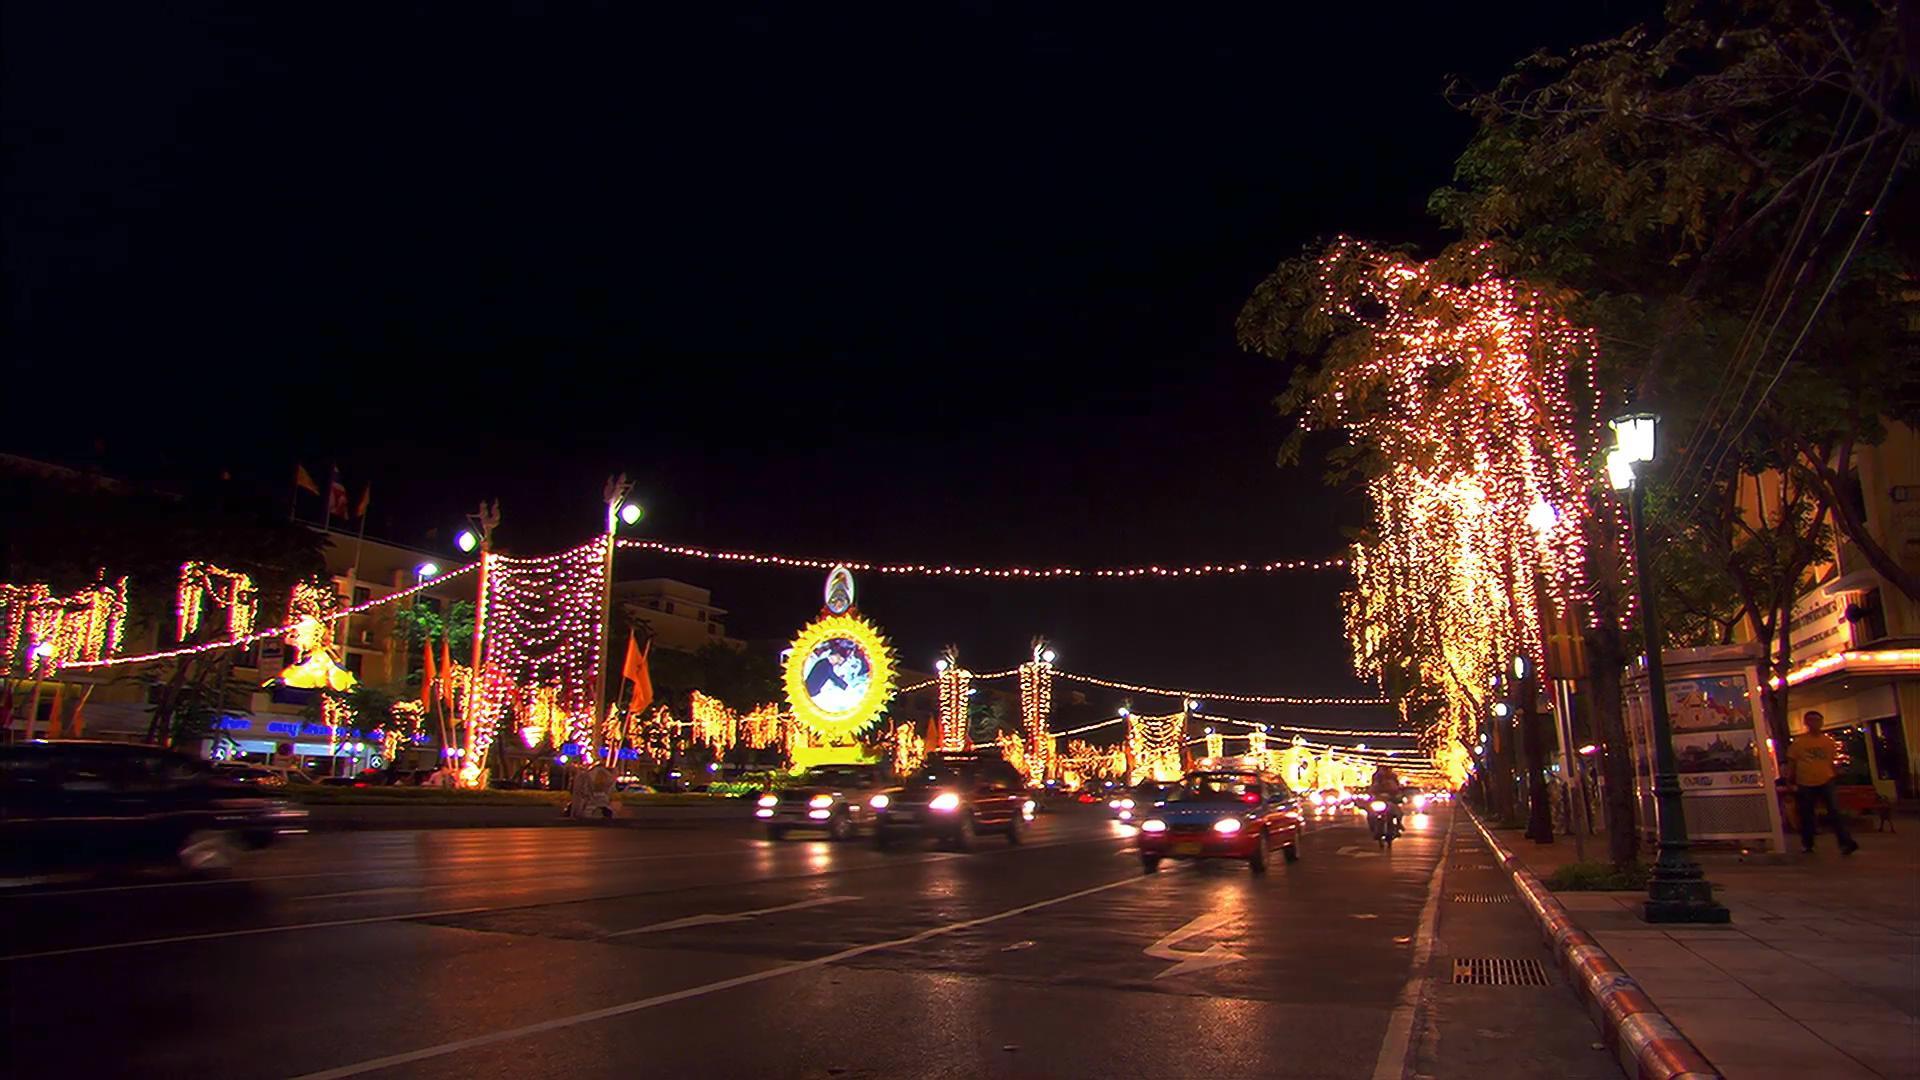 亞洲城市高清實拍-夜晚公路街道車流